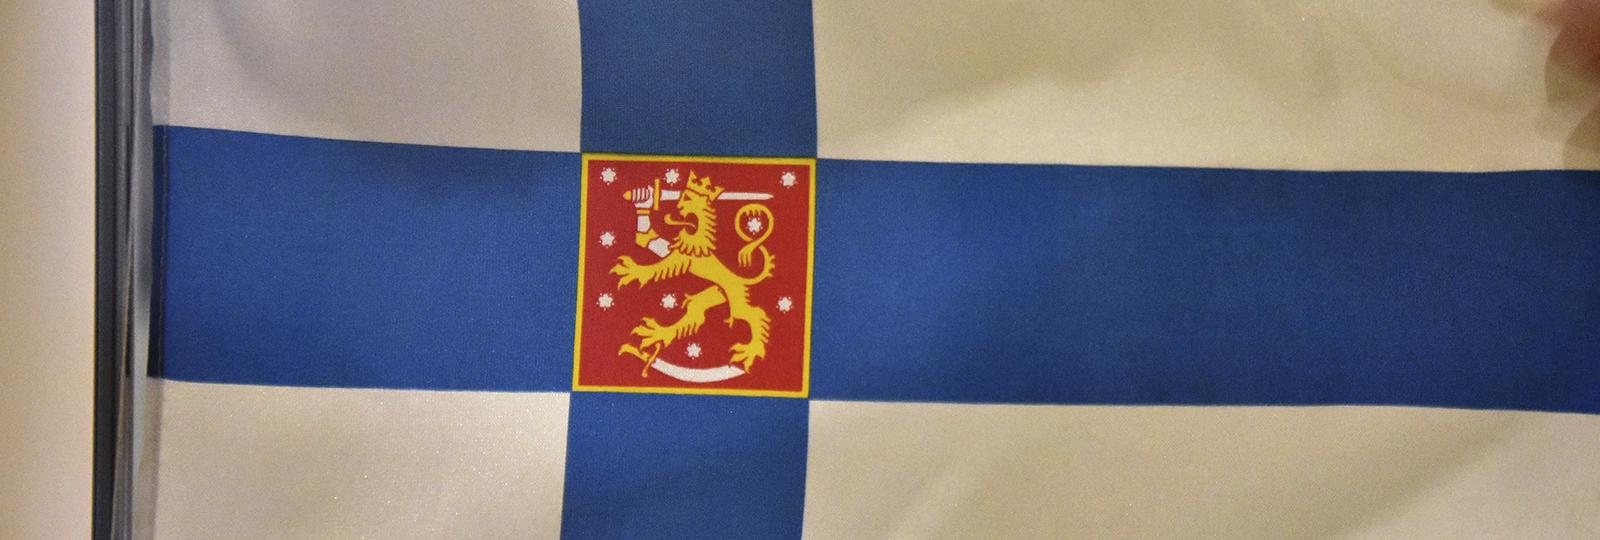 Colectividad Colectividad finlandesa